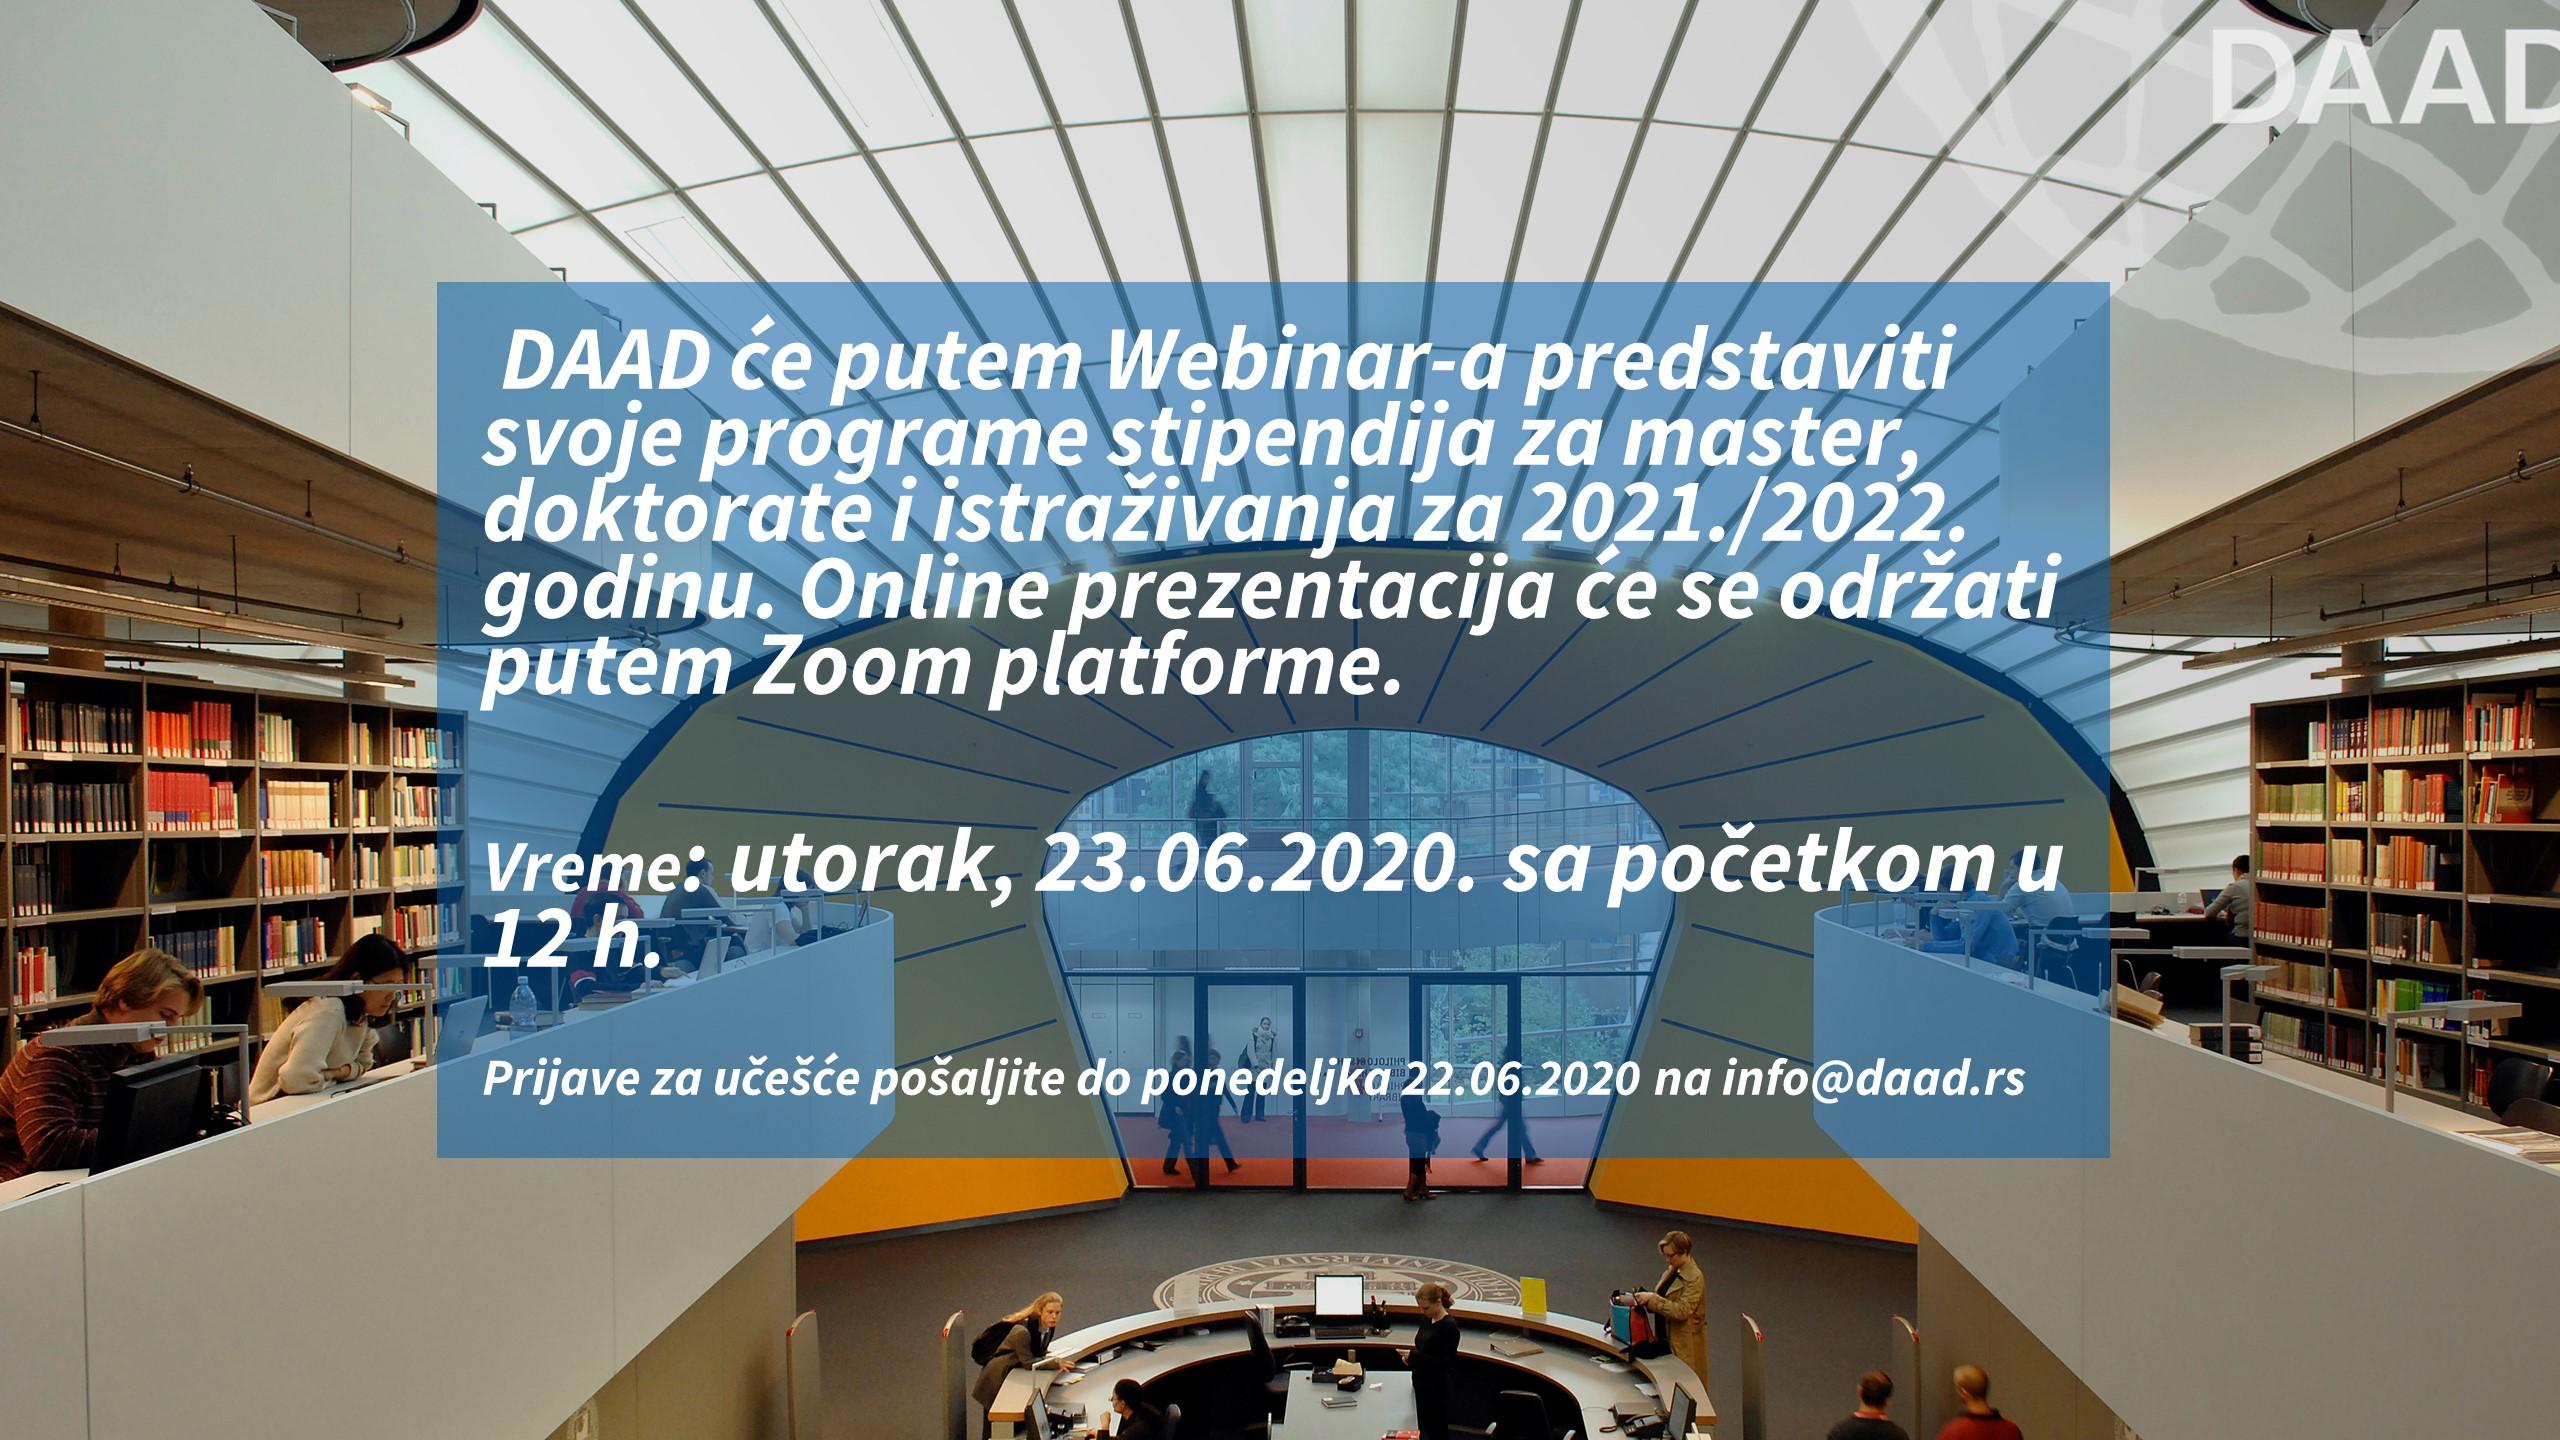 vorlage_daad-stipendium-online